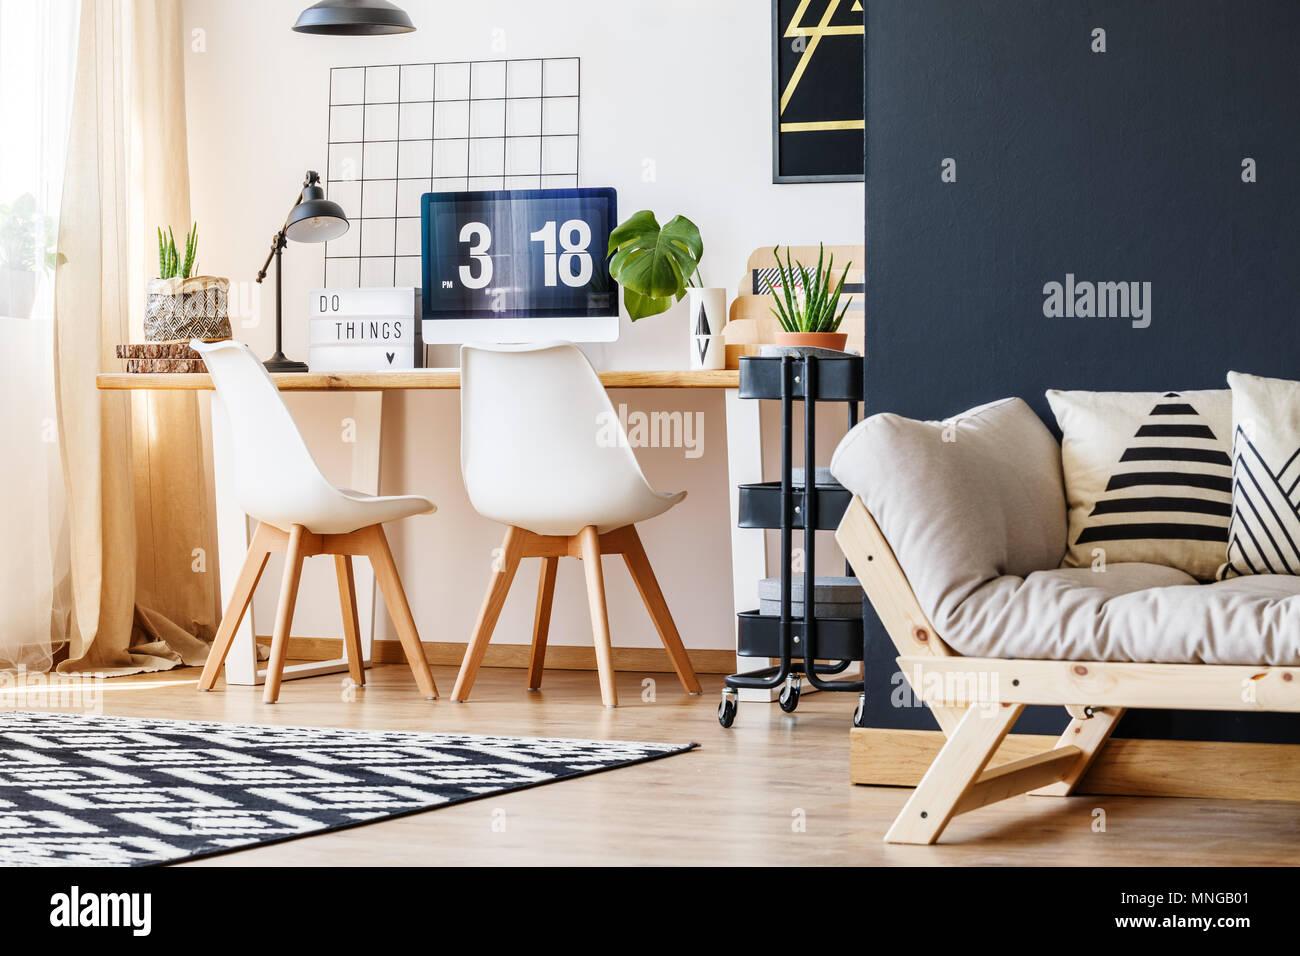 Angolazione laterale vista del trendy, spazio aperto interno con moderno ufficio nordico area con scrivania, aloe, computer e accogliente soggiorno con divano letto in legno, b Immagini Stock